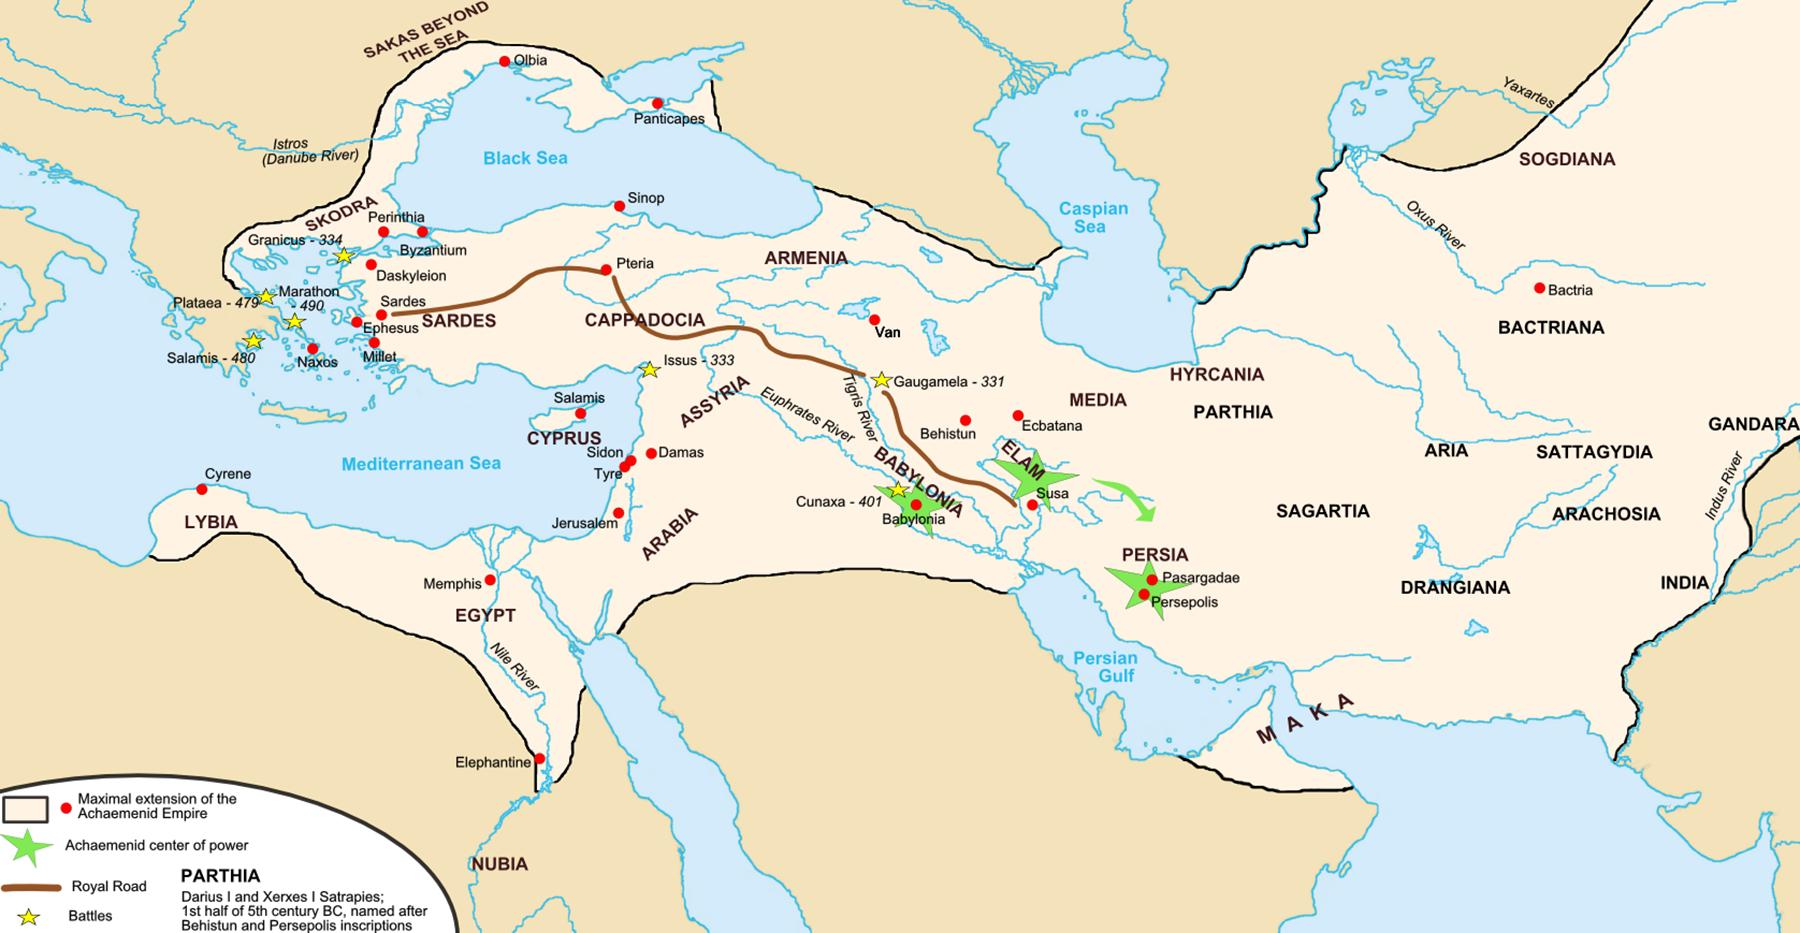 ہخامنشی شہنشاہیت کا نقشہ